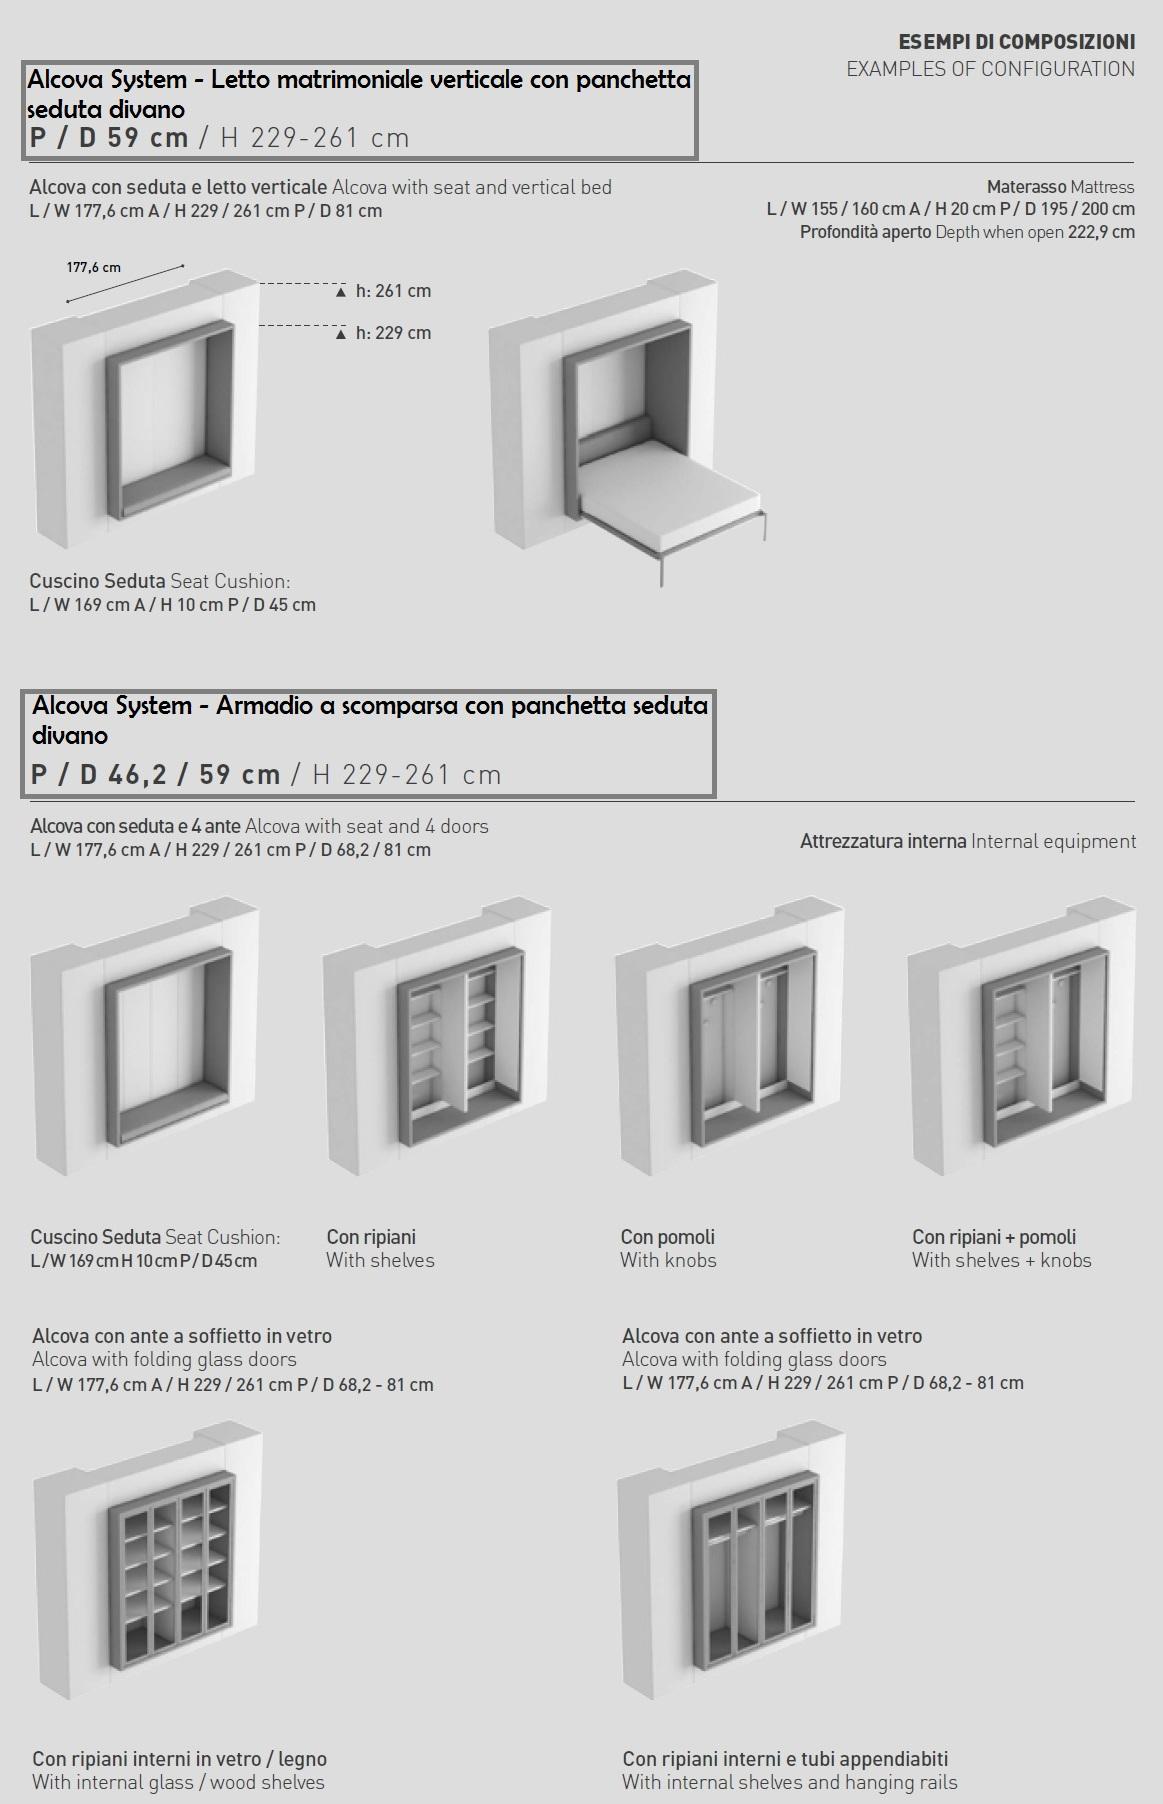 Scheda tecnica armadio letto Alcova System Tumidei